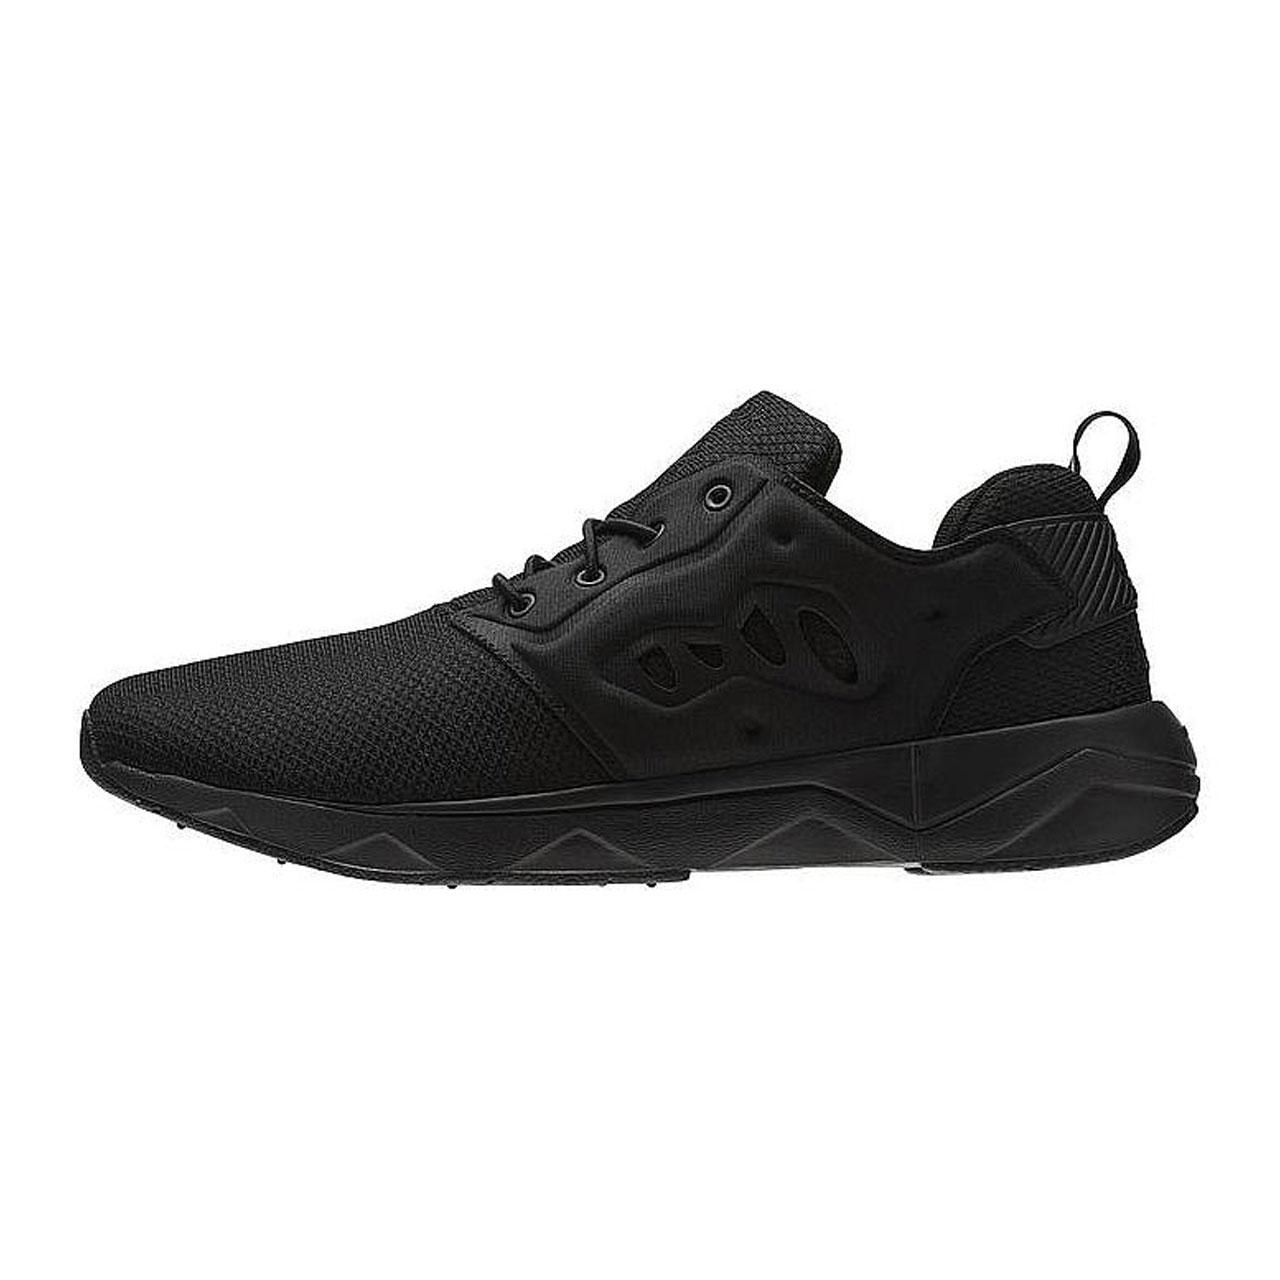 قیمت کفش مخصوص پیاده روی ریباک مردانه مدل AR1441